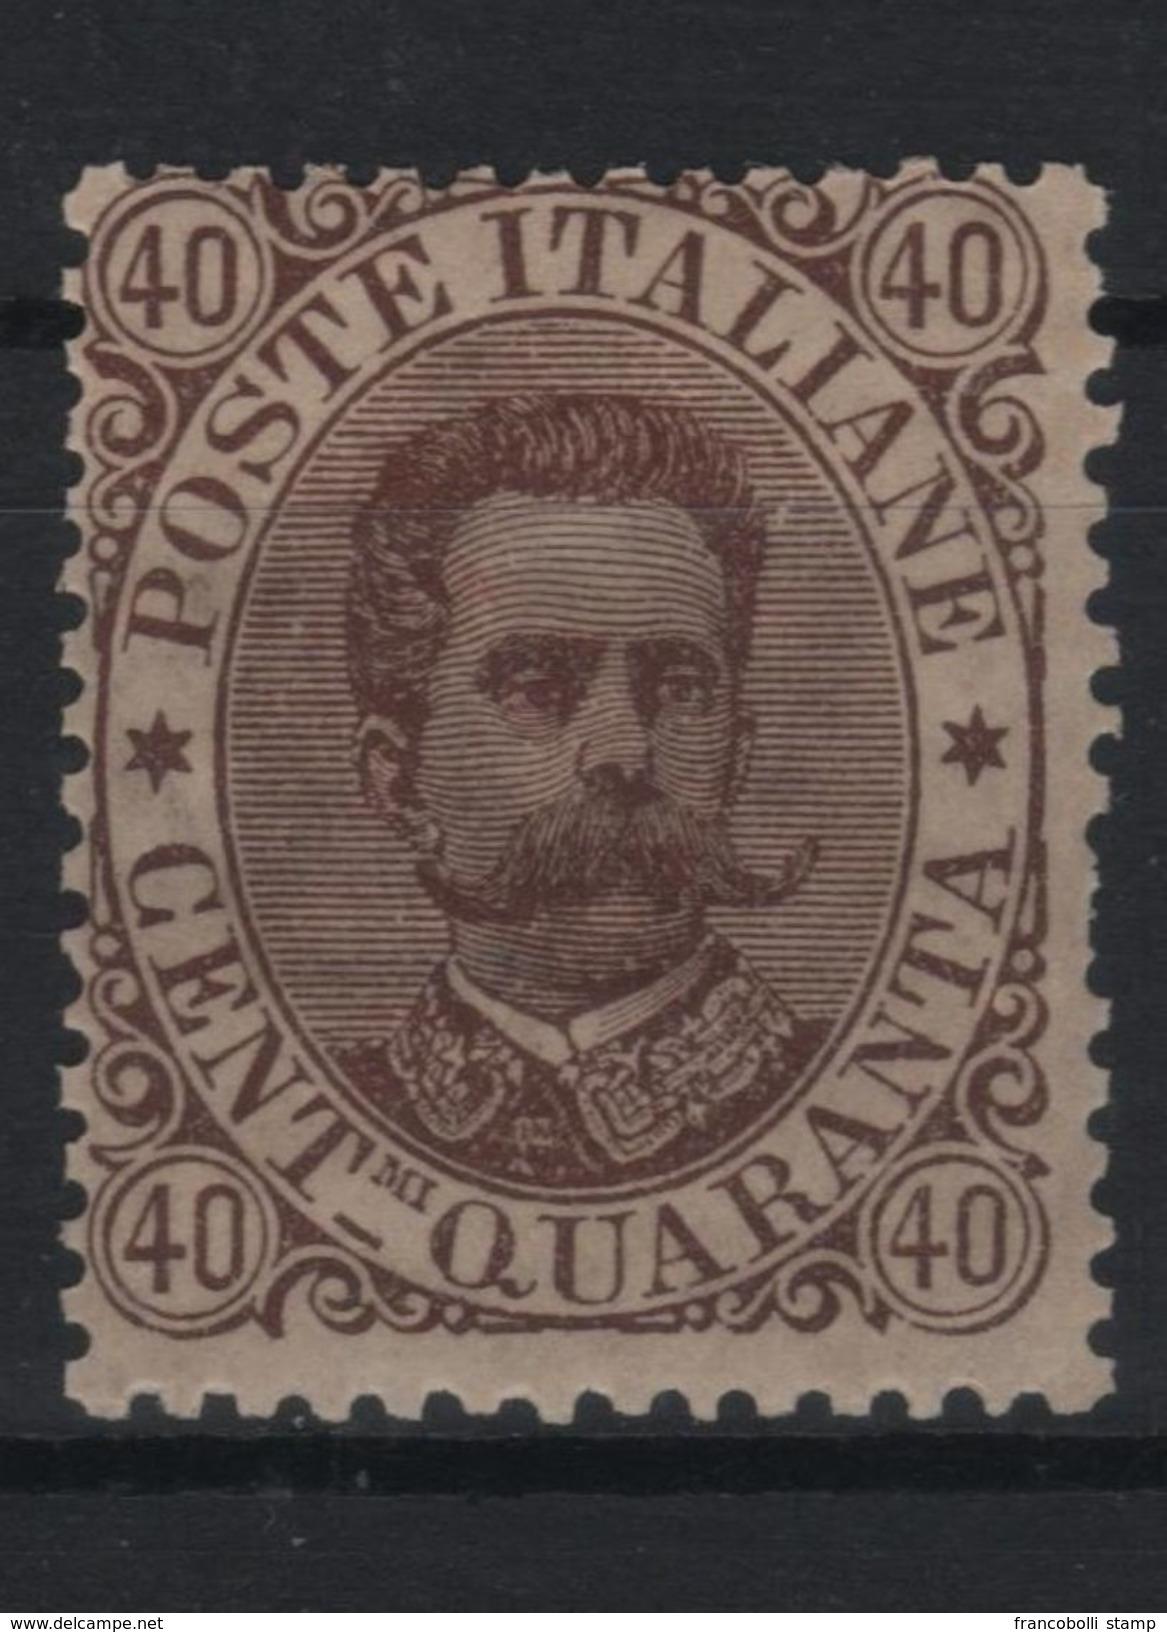 1889 Umberto I 40 C. MNH - Ungebraucht